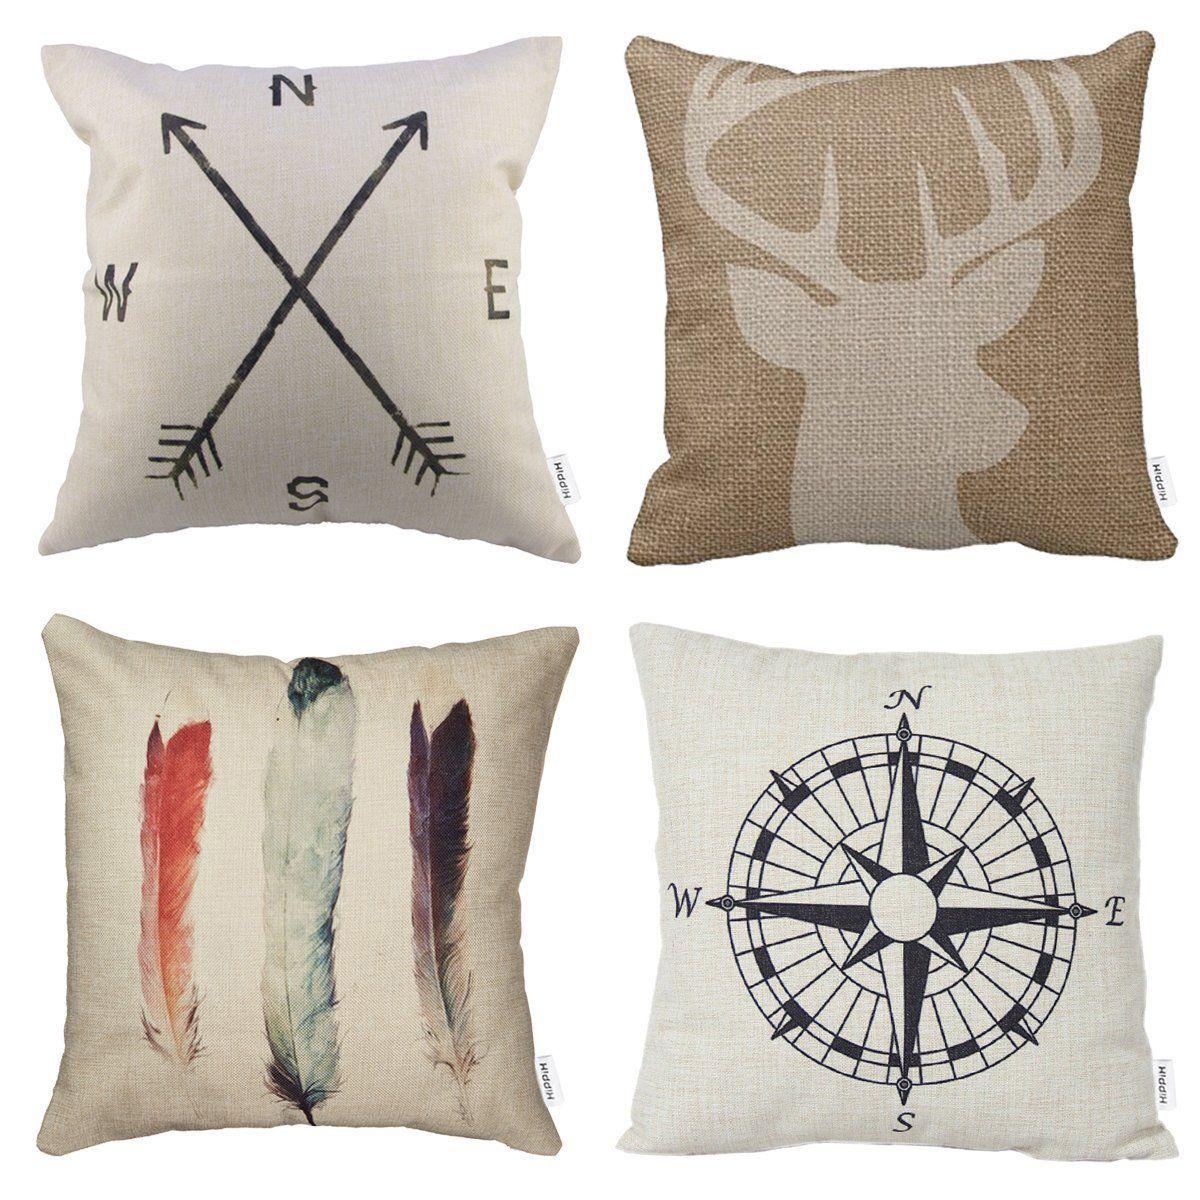 packs hippih cotton linen sofa home decor design throw pillow case